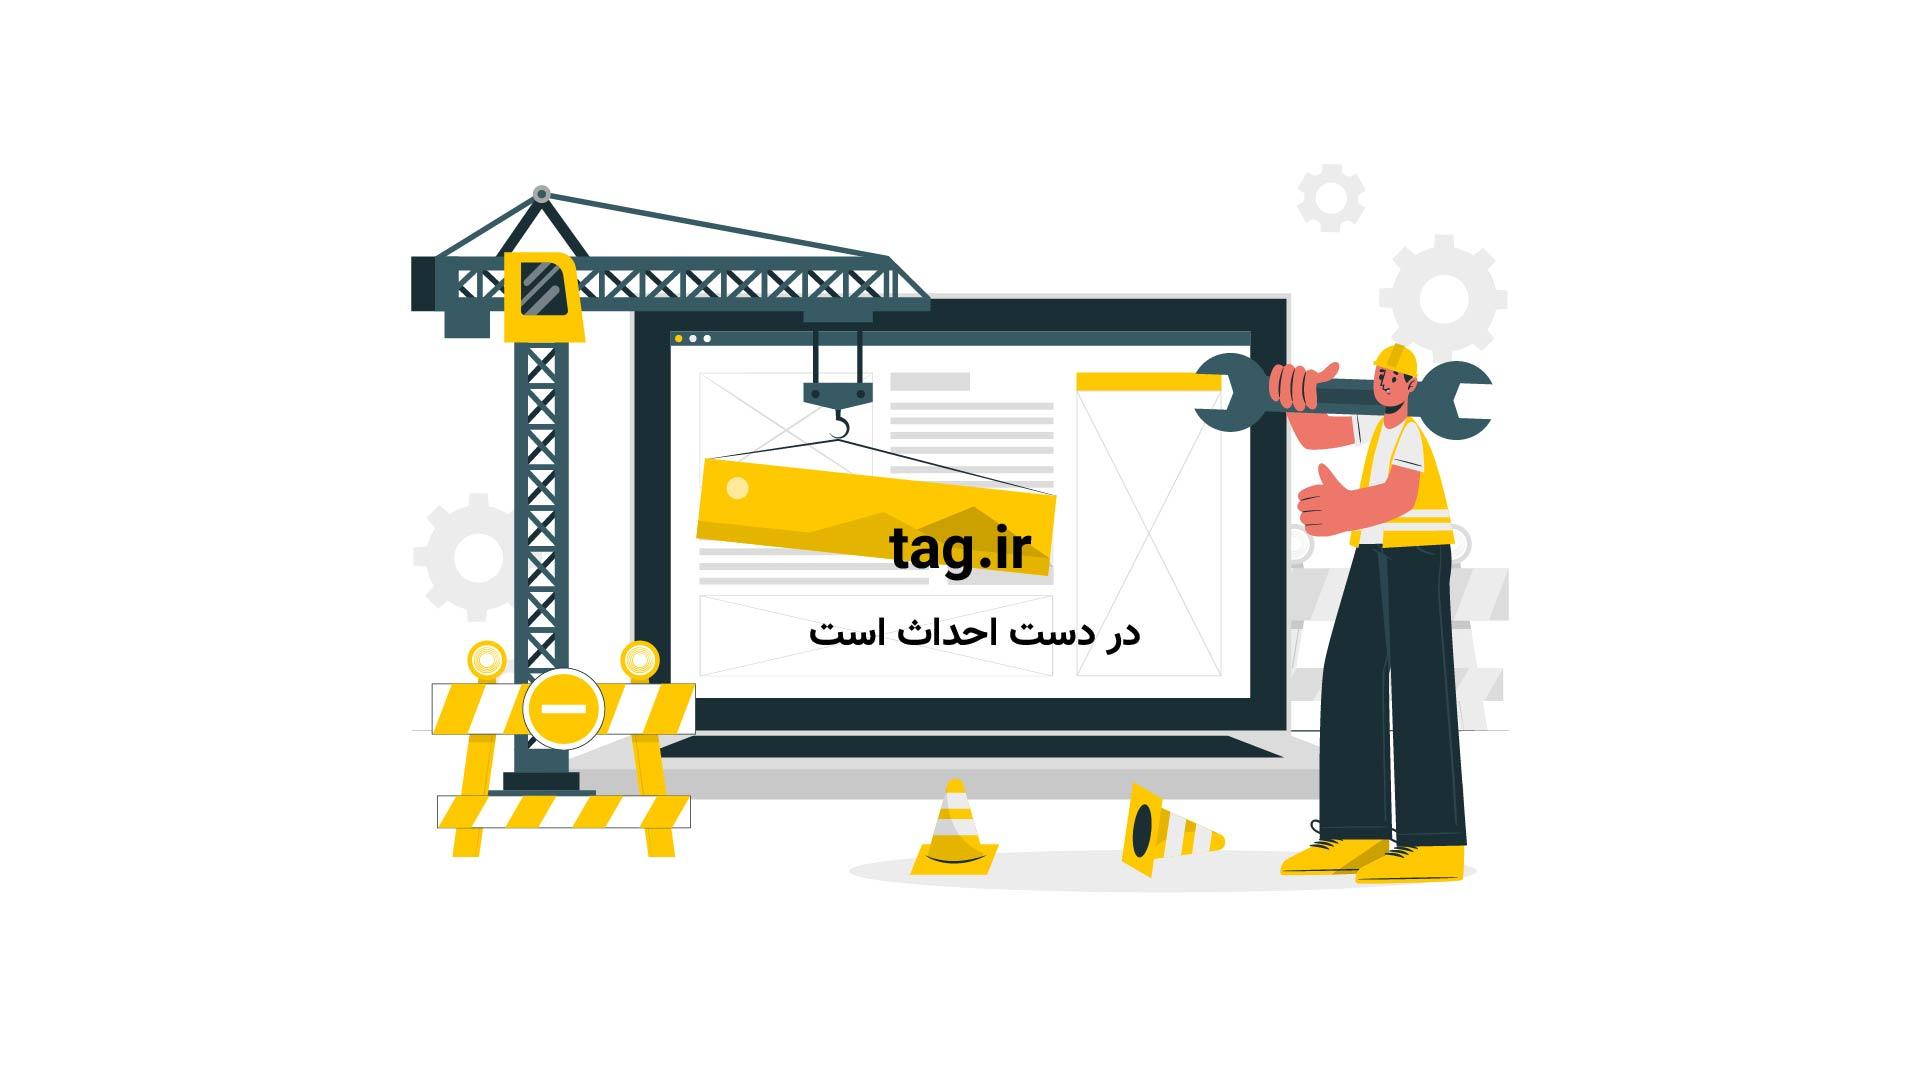 معرفی بازی موبایل توپ فوق العاده میمون؛ نسخه ساکورا | فیلم